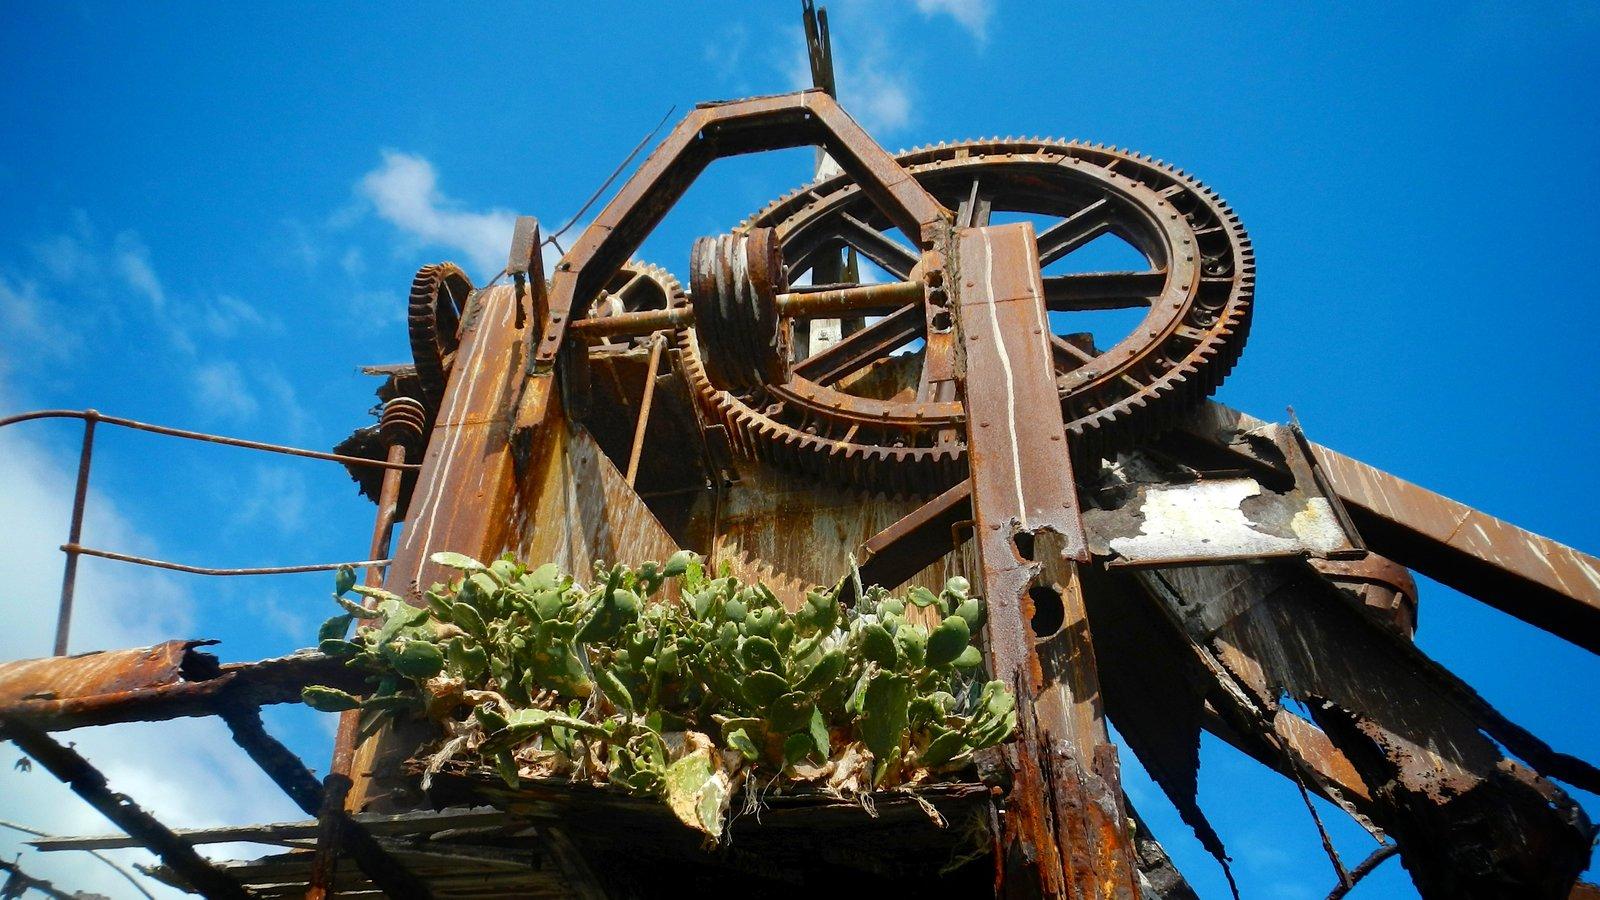 Parque nacional de Isla Moreton que incluye elementos del patrimonio y arte al aire libre